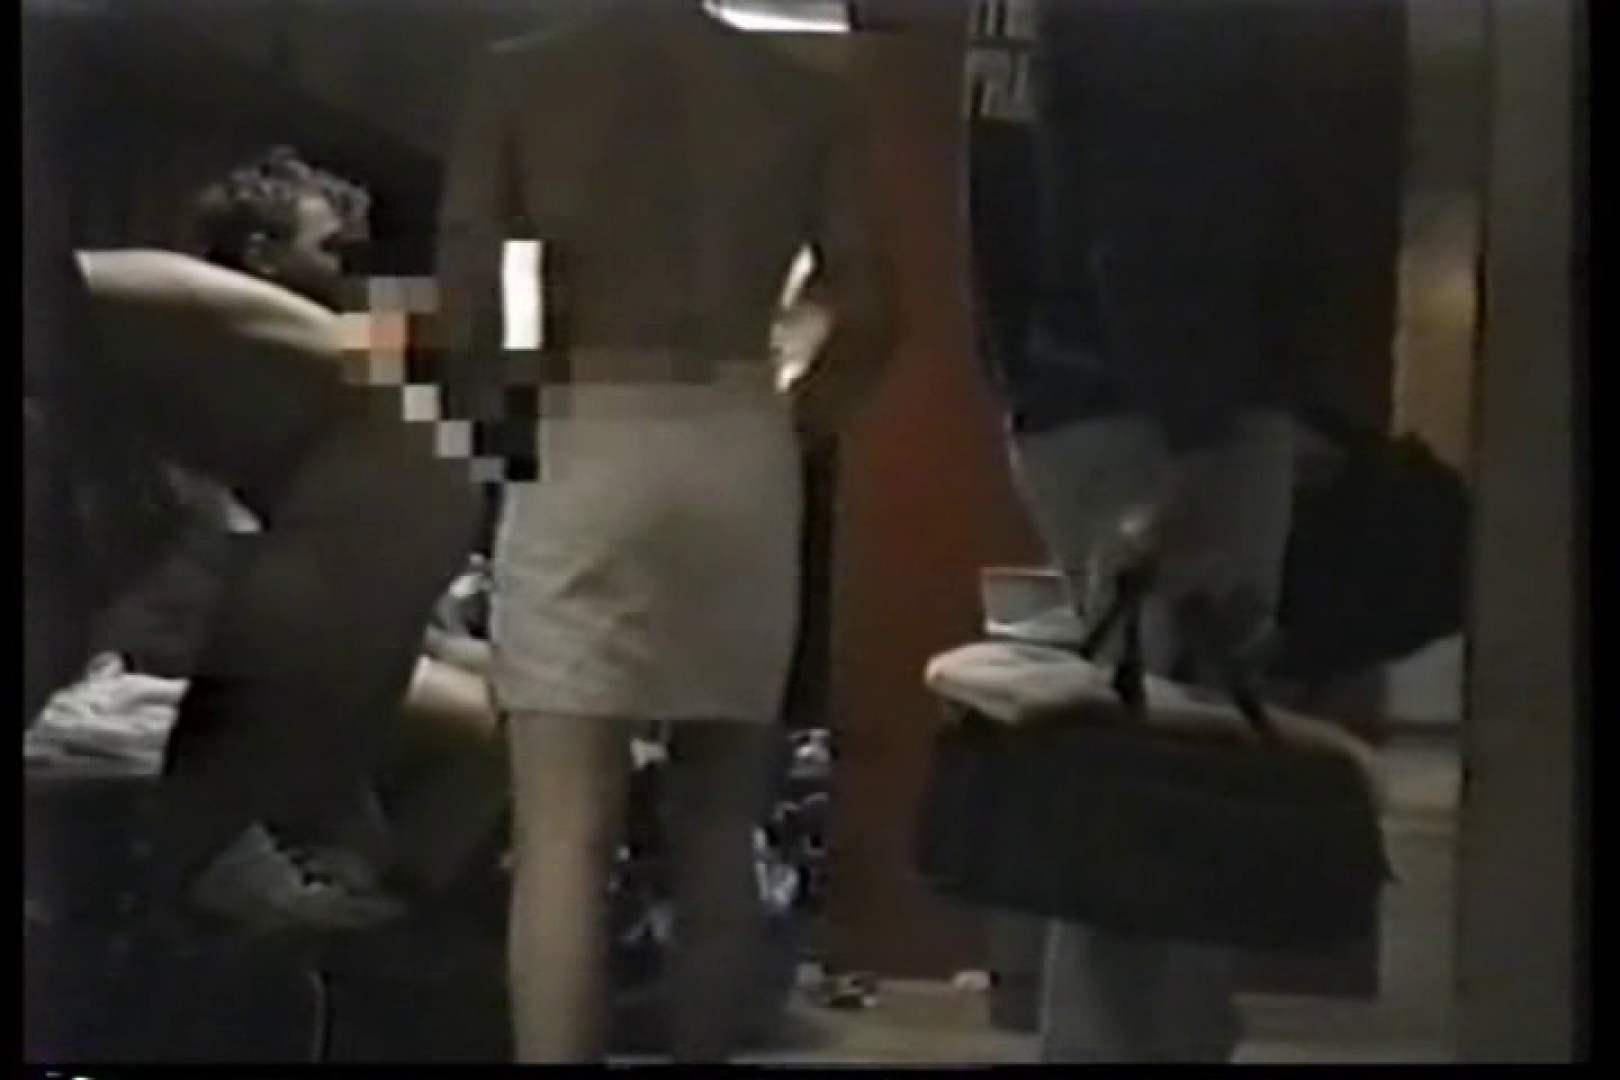 洋人さんの脱衣所を覗いてみました。VOL.3 男天国 | 0  109pic 8